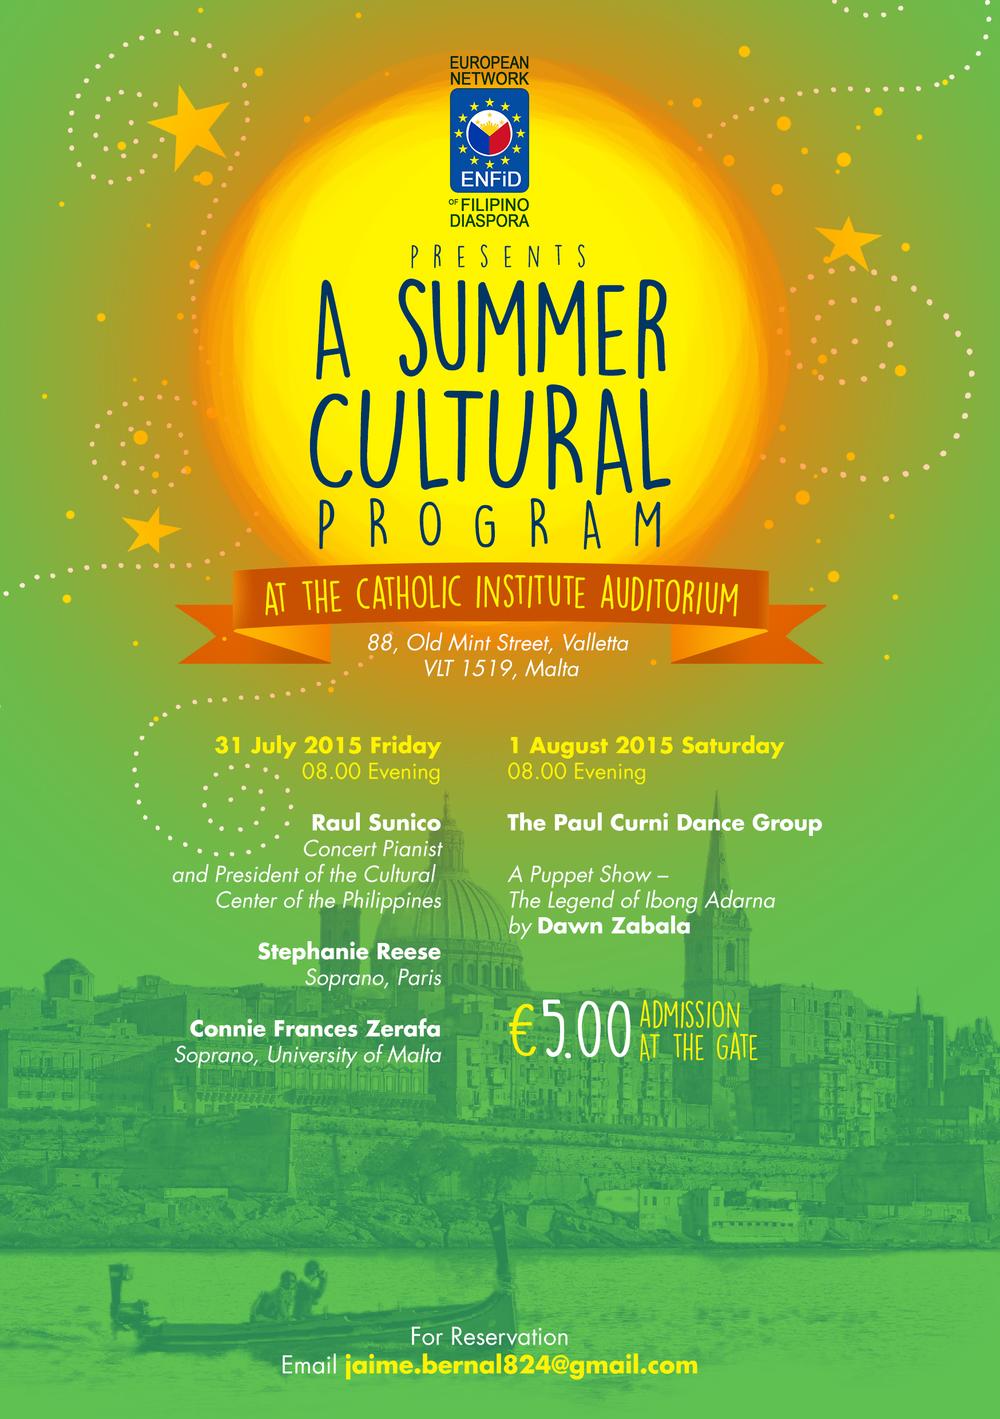 Summer Cultural Program Flyer.jpg